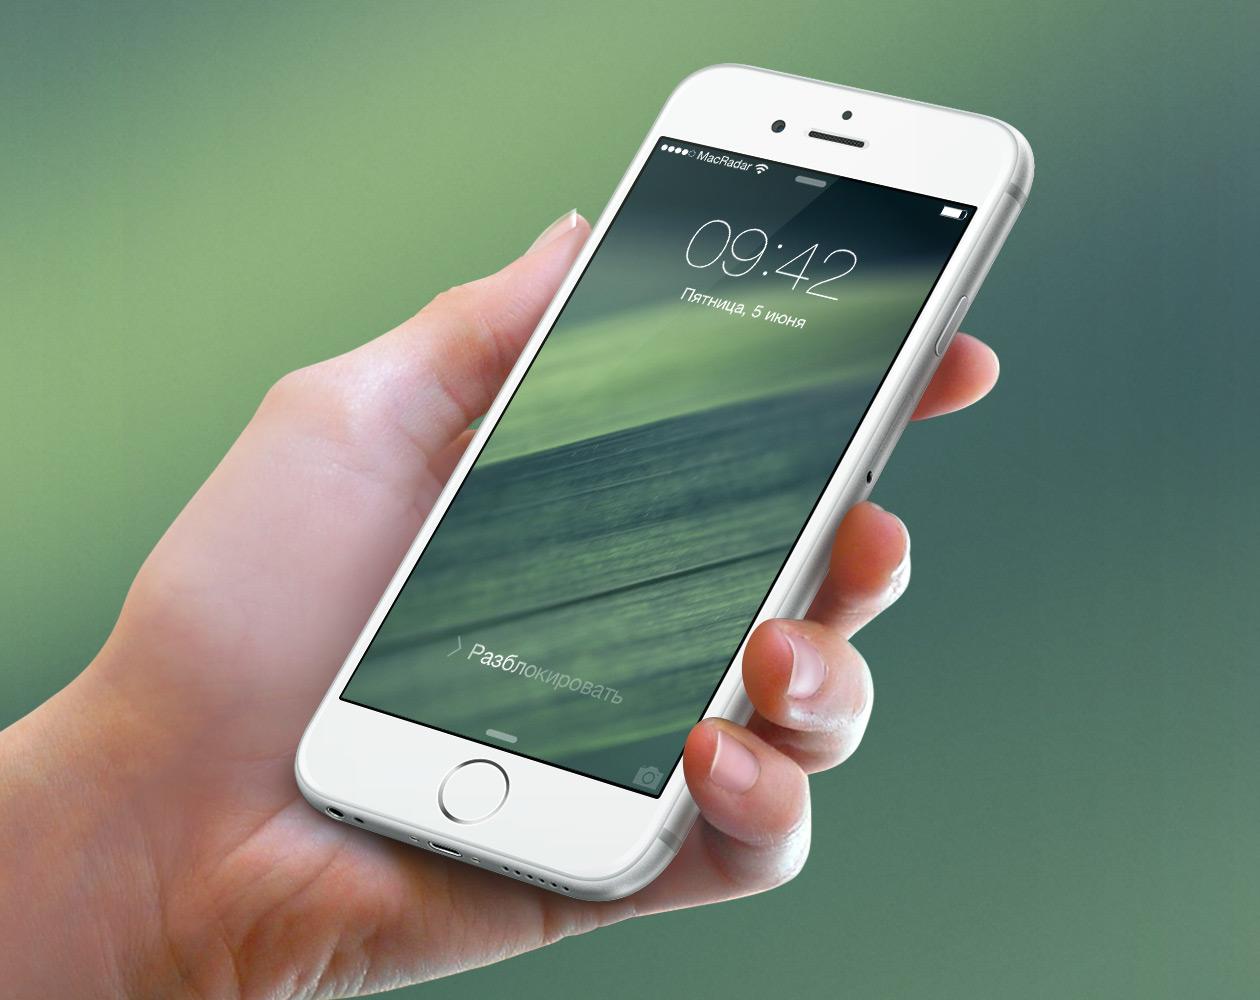 Обои для iPhone. Травушка зеленая!